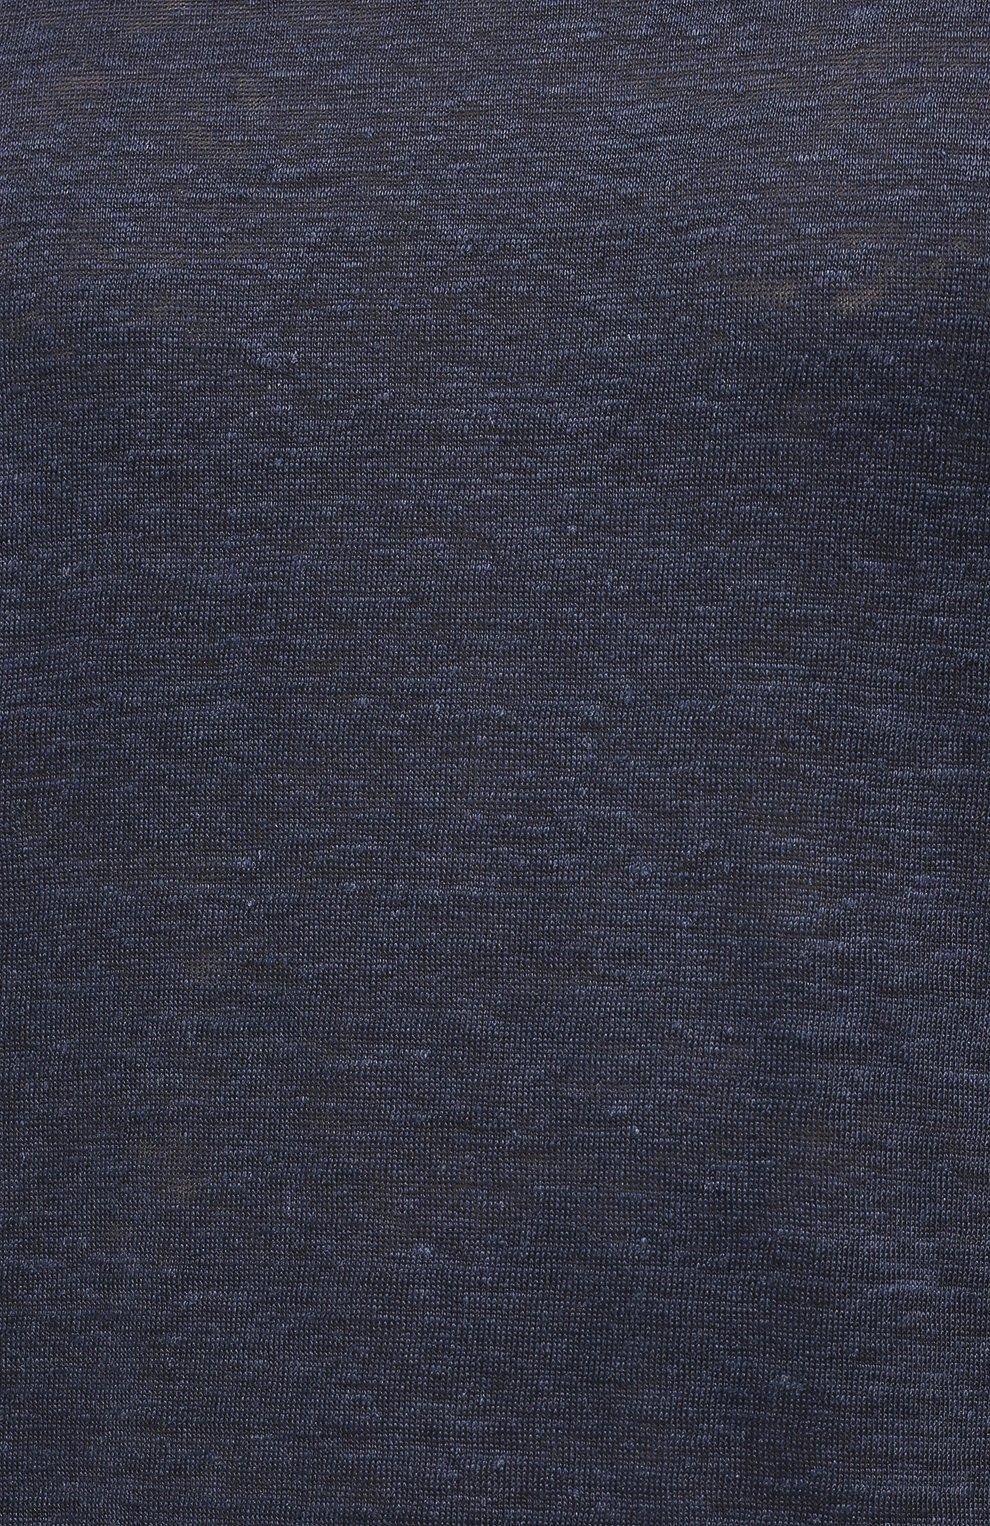 Мужская льняная футболка ORLEBAR BROWN темно-синего цвета, арт. 265745 | Фото 5 (Кросс-КТ: домашняя одежда; Рукава: Короткие; Длина (для топов): Стандартные; Мужское Кросс-КТ: Футболка-белье; Материал внешний: Лен)